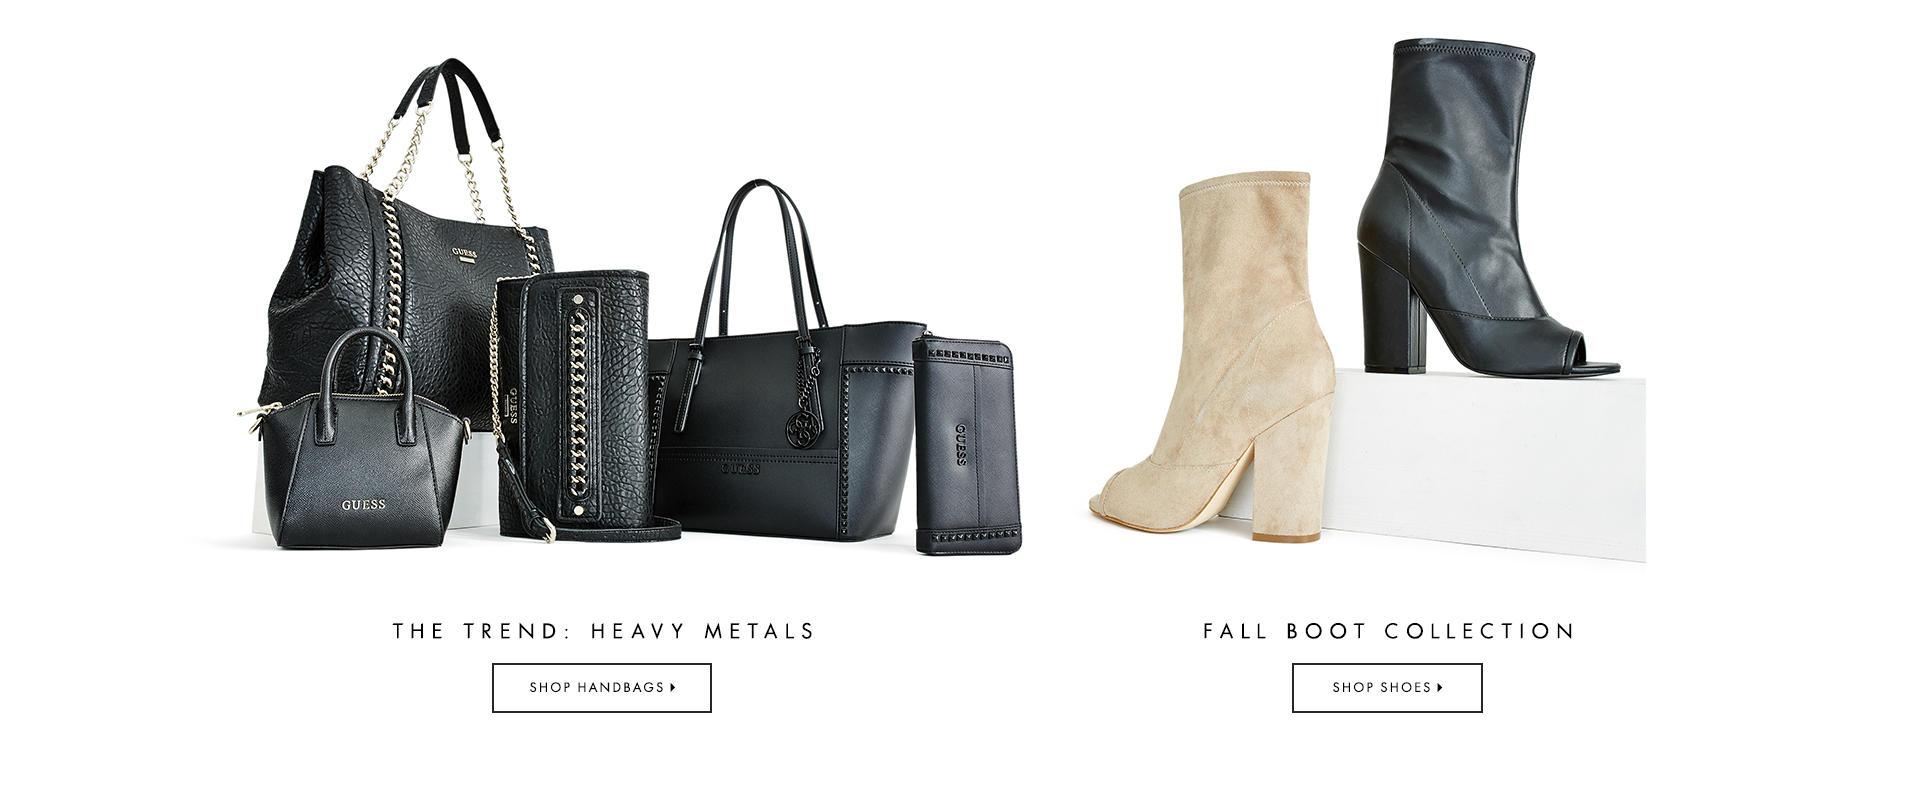 Handbags / Shoes